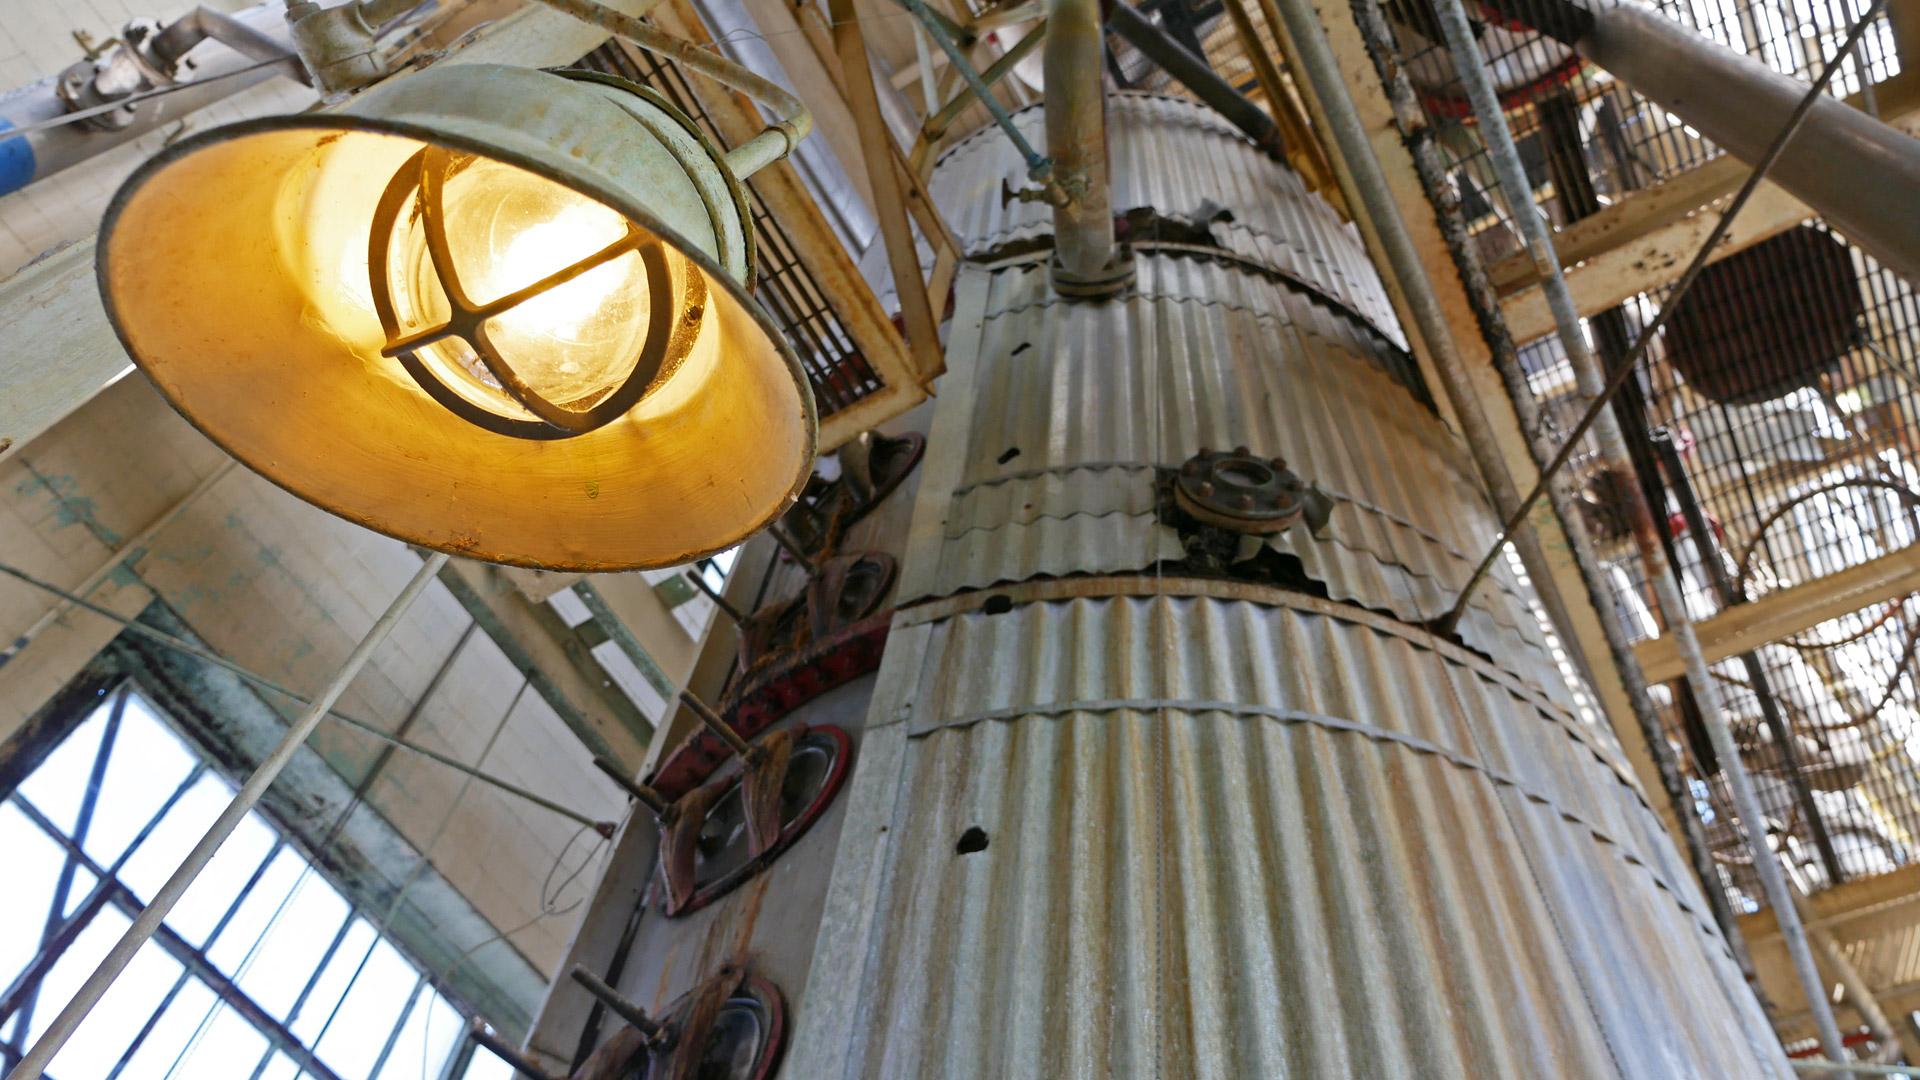 Hoch wie ein Haus: Column Still zum Brennen von Bourbon-Whiskey (Foto: Malt Whisky)